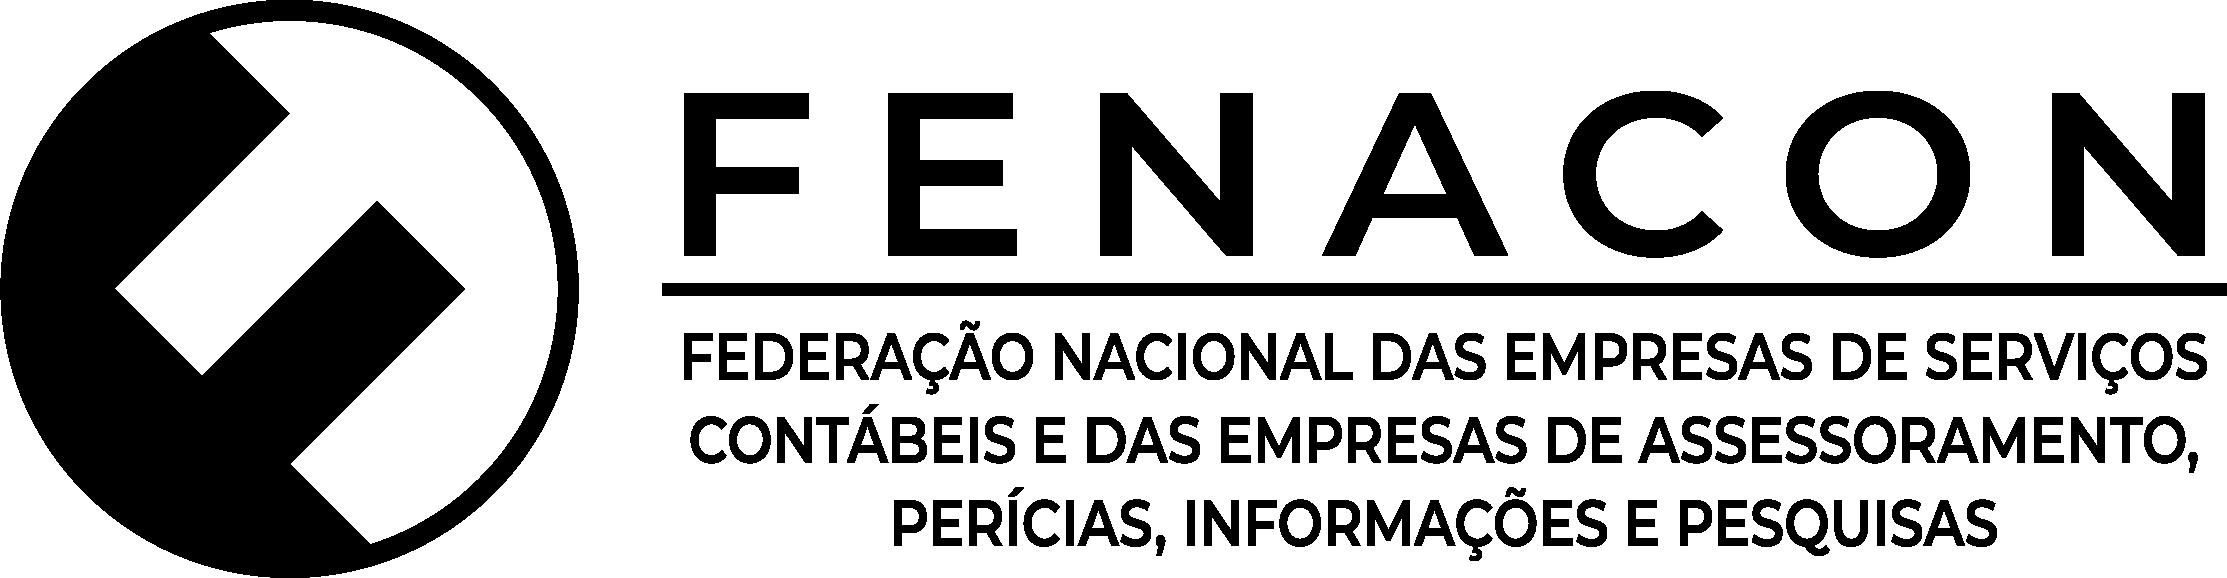 fenacon mg